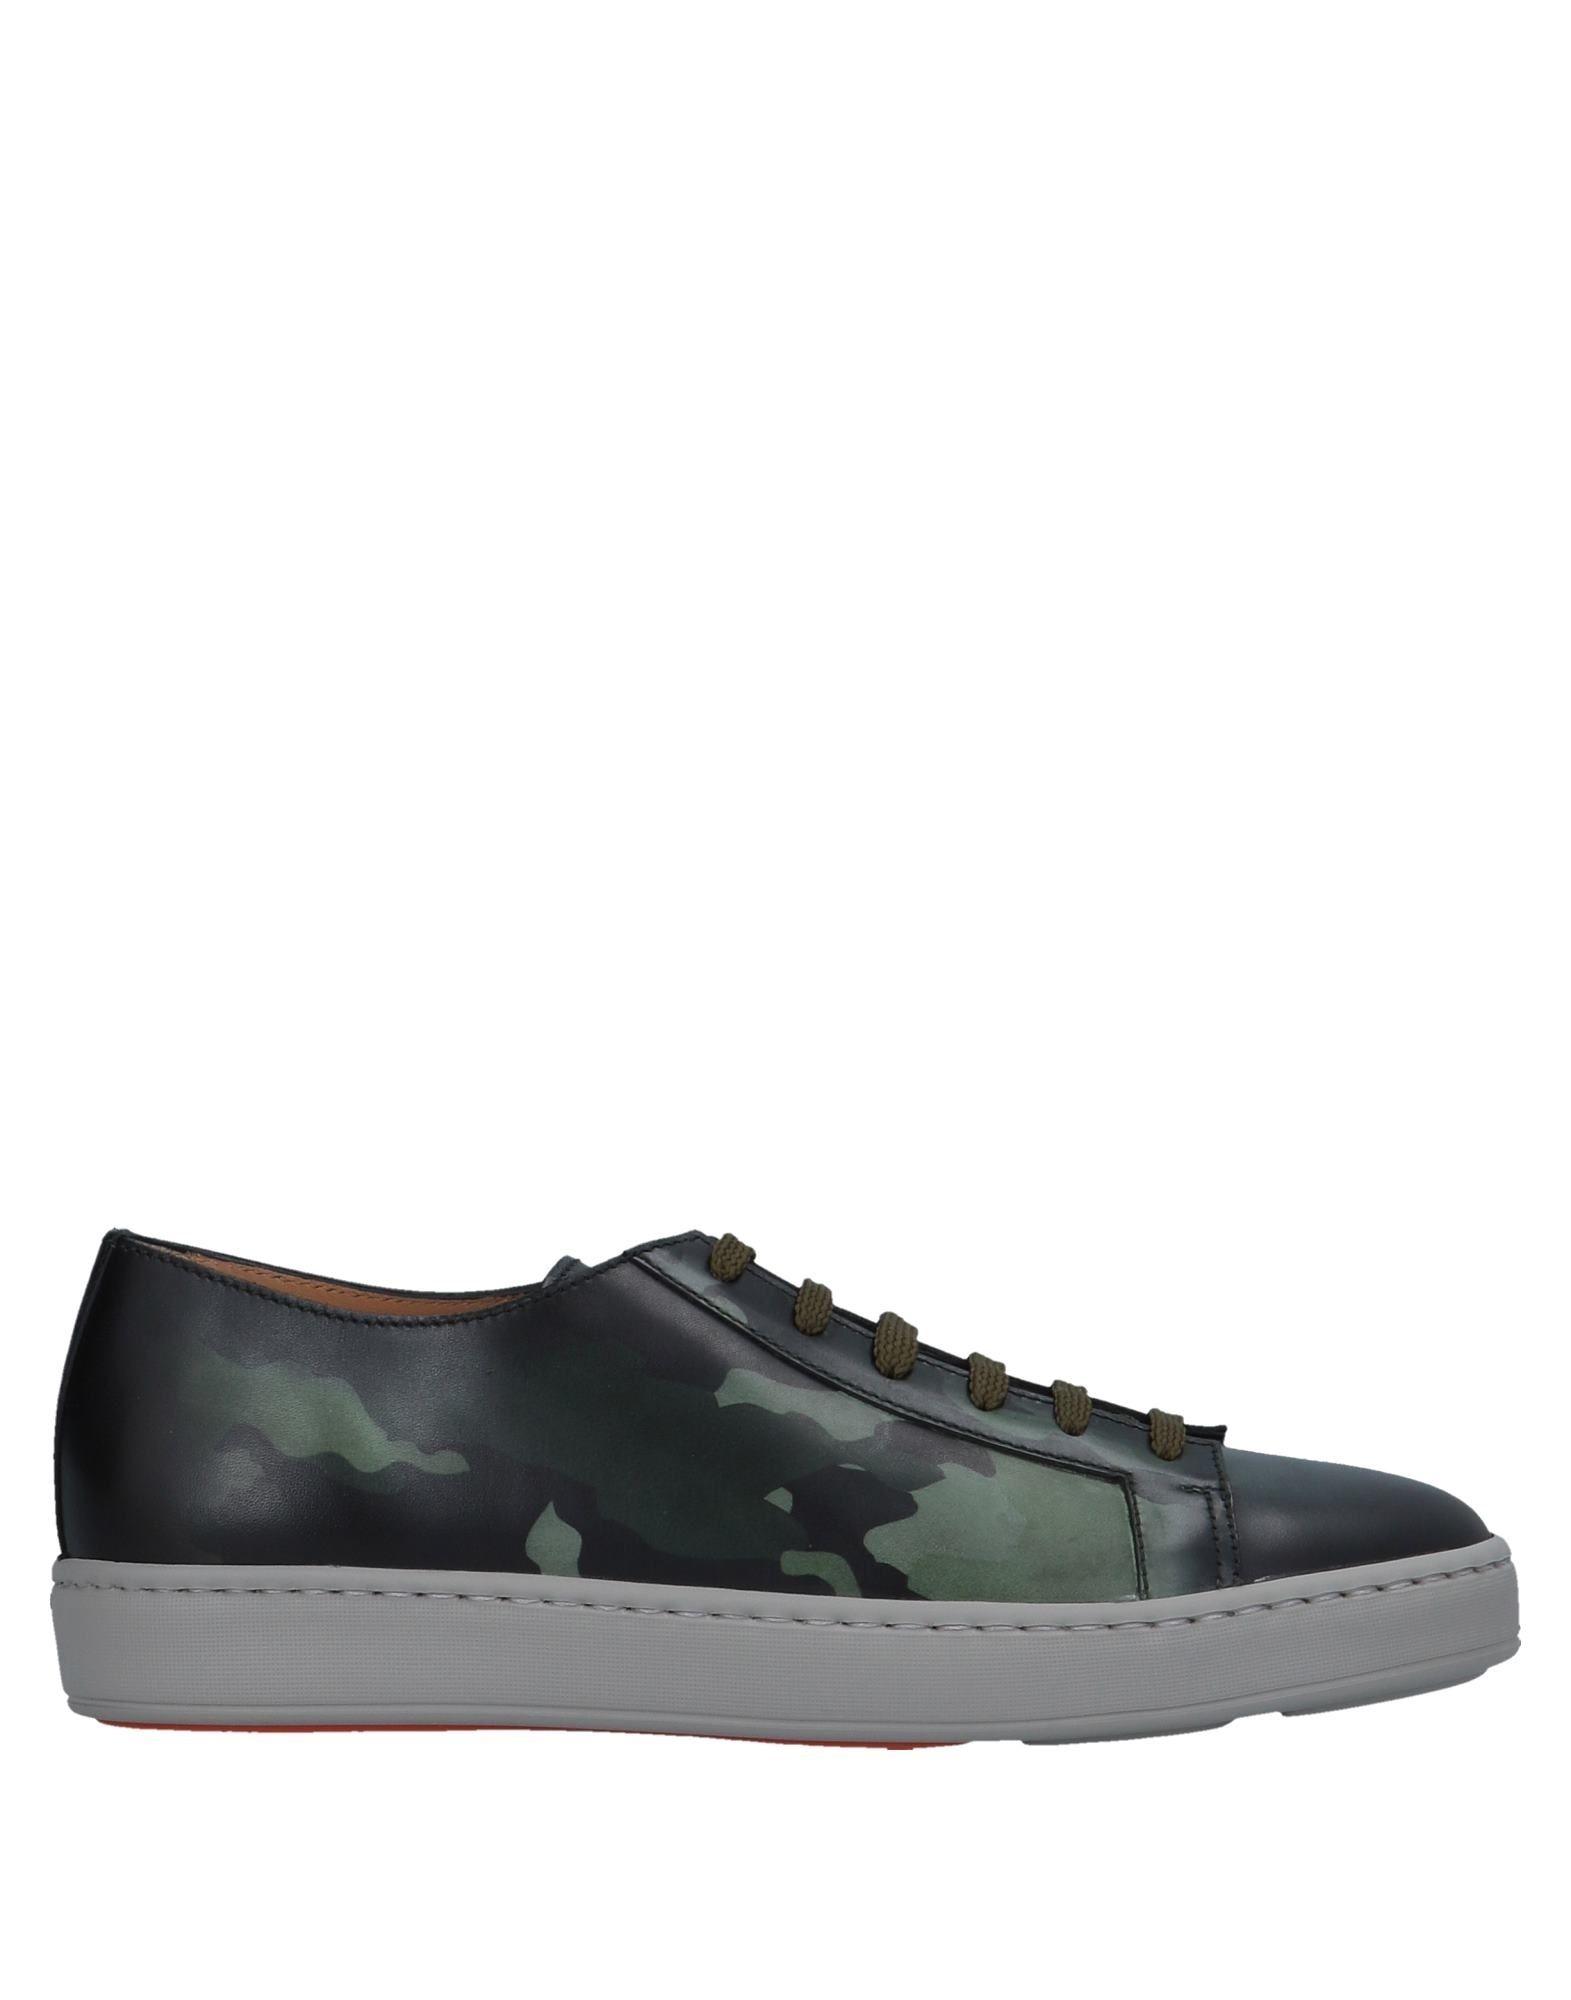 Santoni Sneakers Herren  11540129UH Gute Qualität beliebte Schuhe